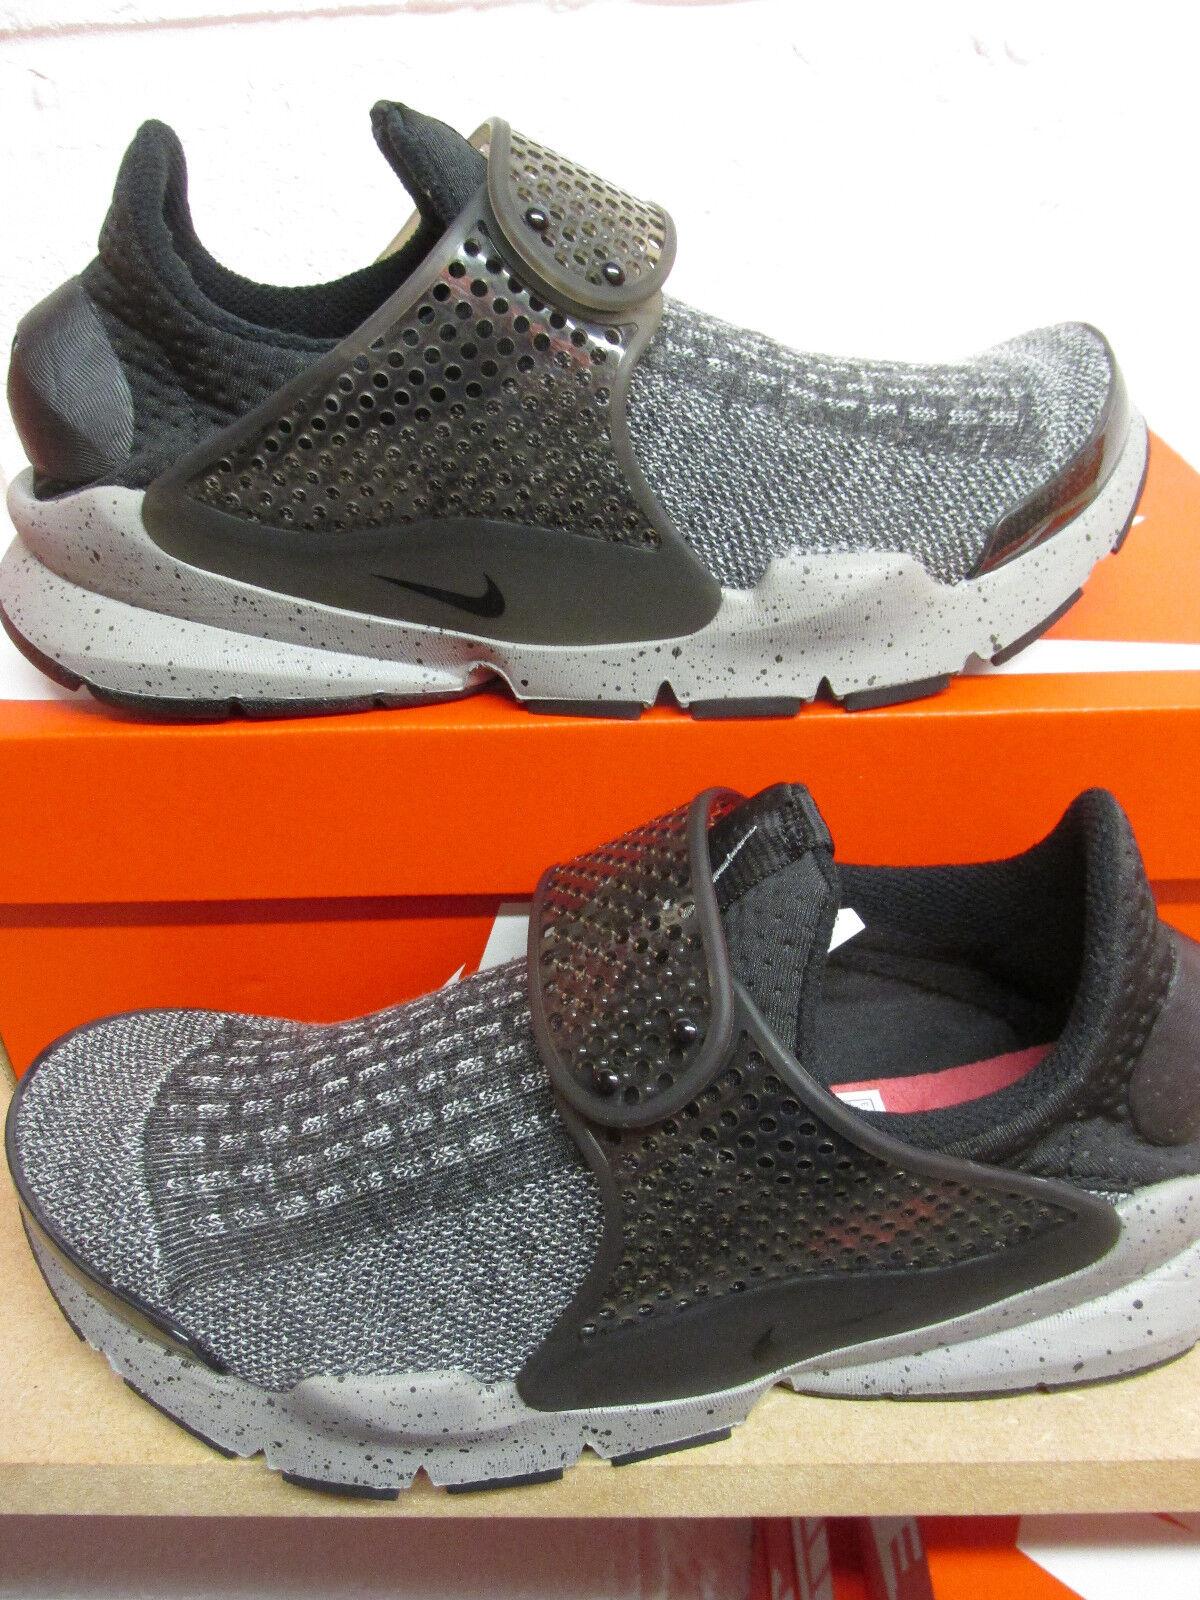 Nike Chaussette Foncé Soi Premium Chaussure de 001 Course pour Homme 859553 001 de 0b020b